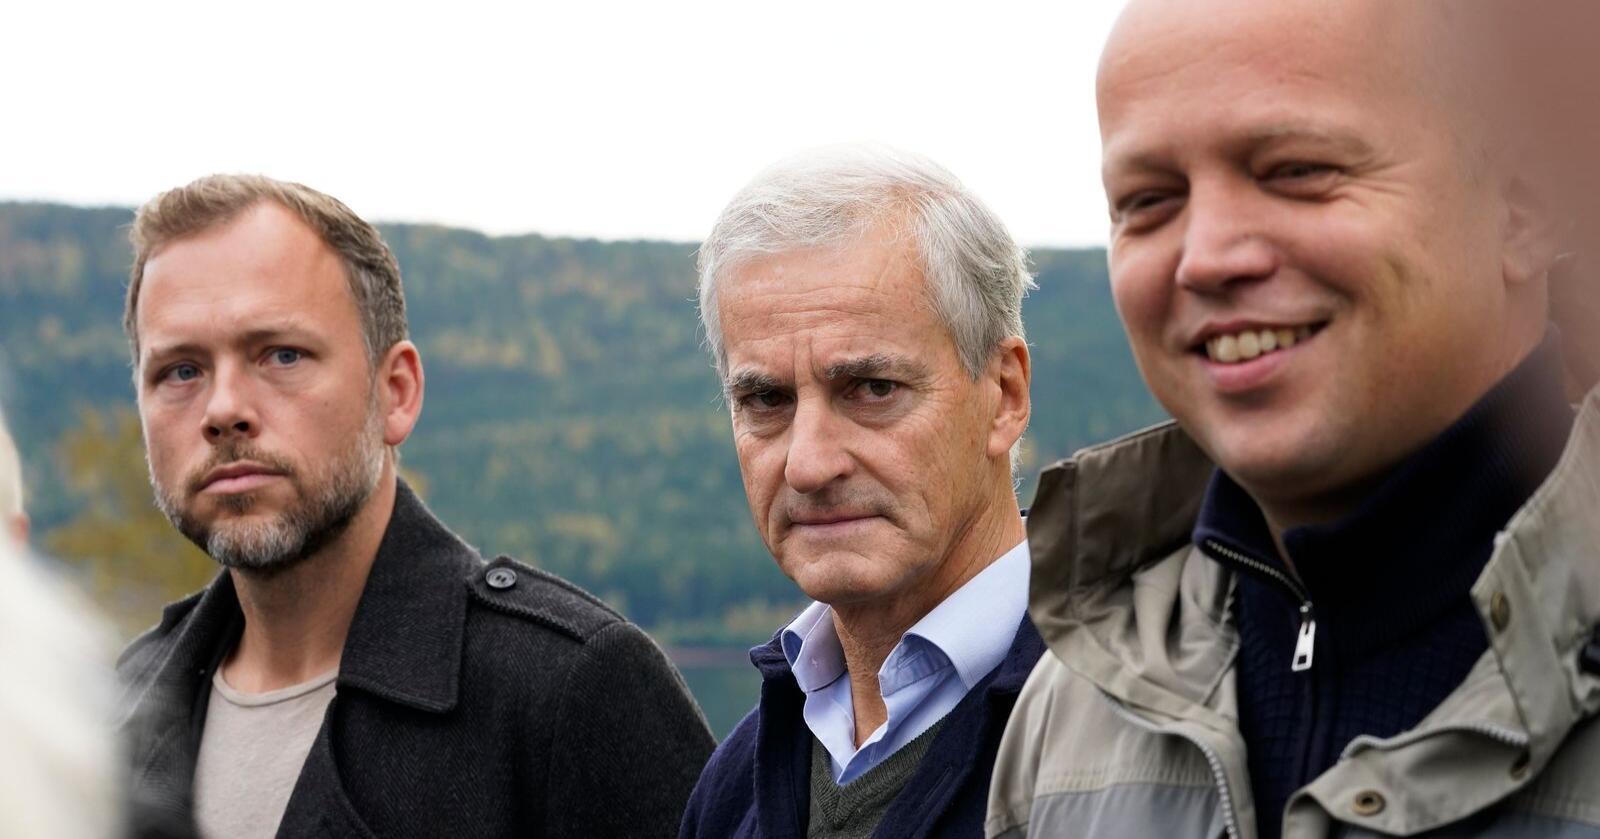 Partilederne Audun Lysbakken (SV), Jonas Gahr Støre (Ap) og Trygve Slagsvold Vedum (Sp) møttes torsdag på Hurdalsjøen hotell for sonderinger om regjeringsforhandlinger. Foto: Torstein Bøe / NTB